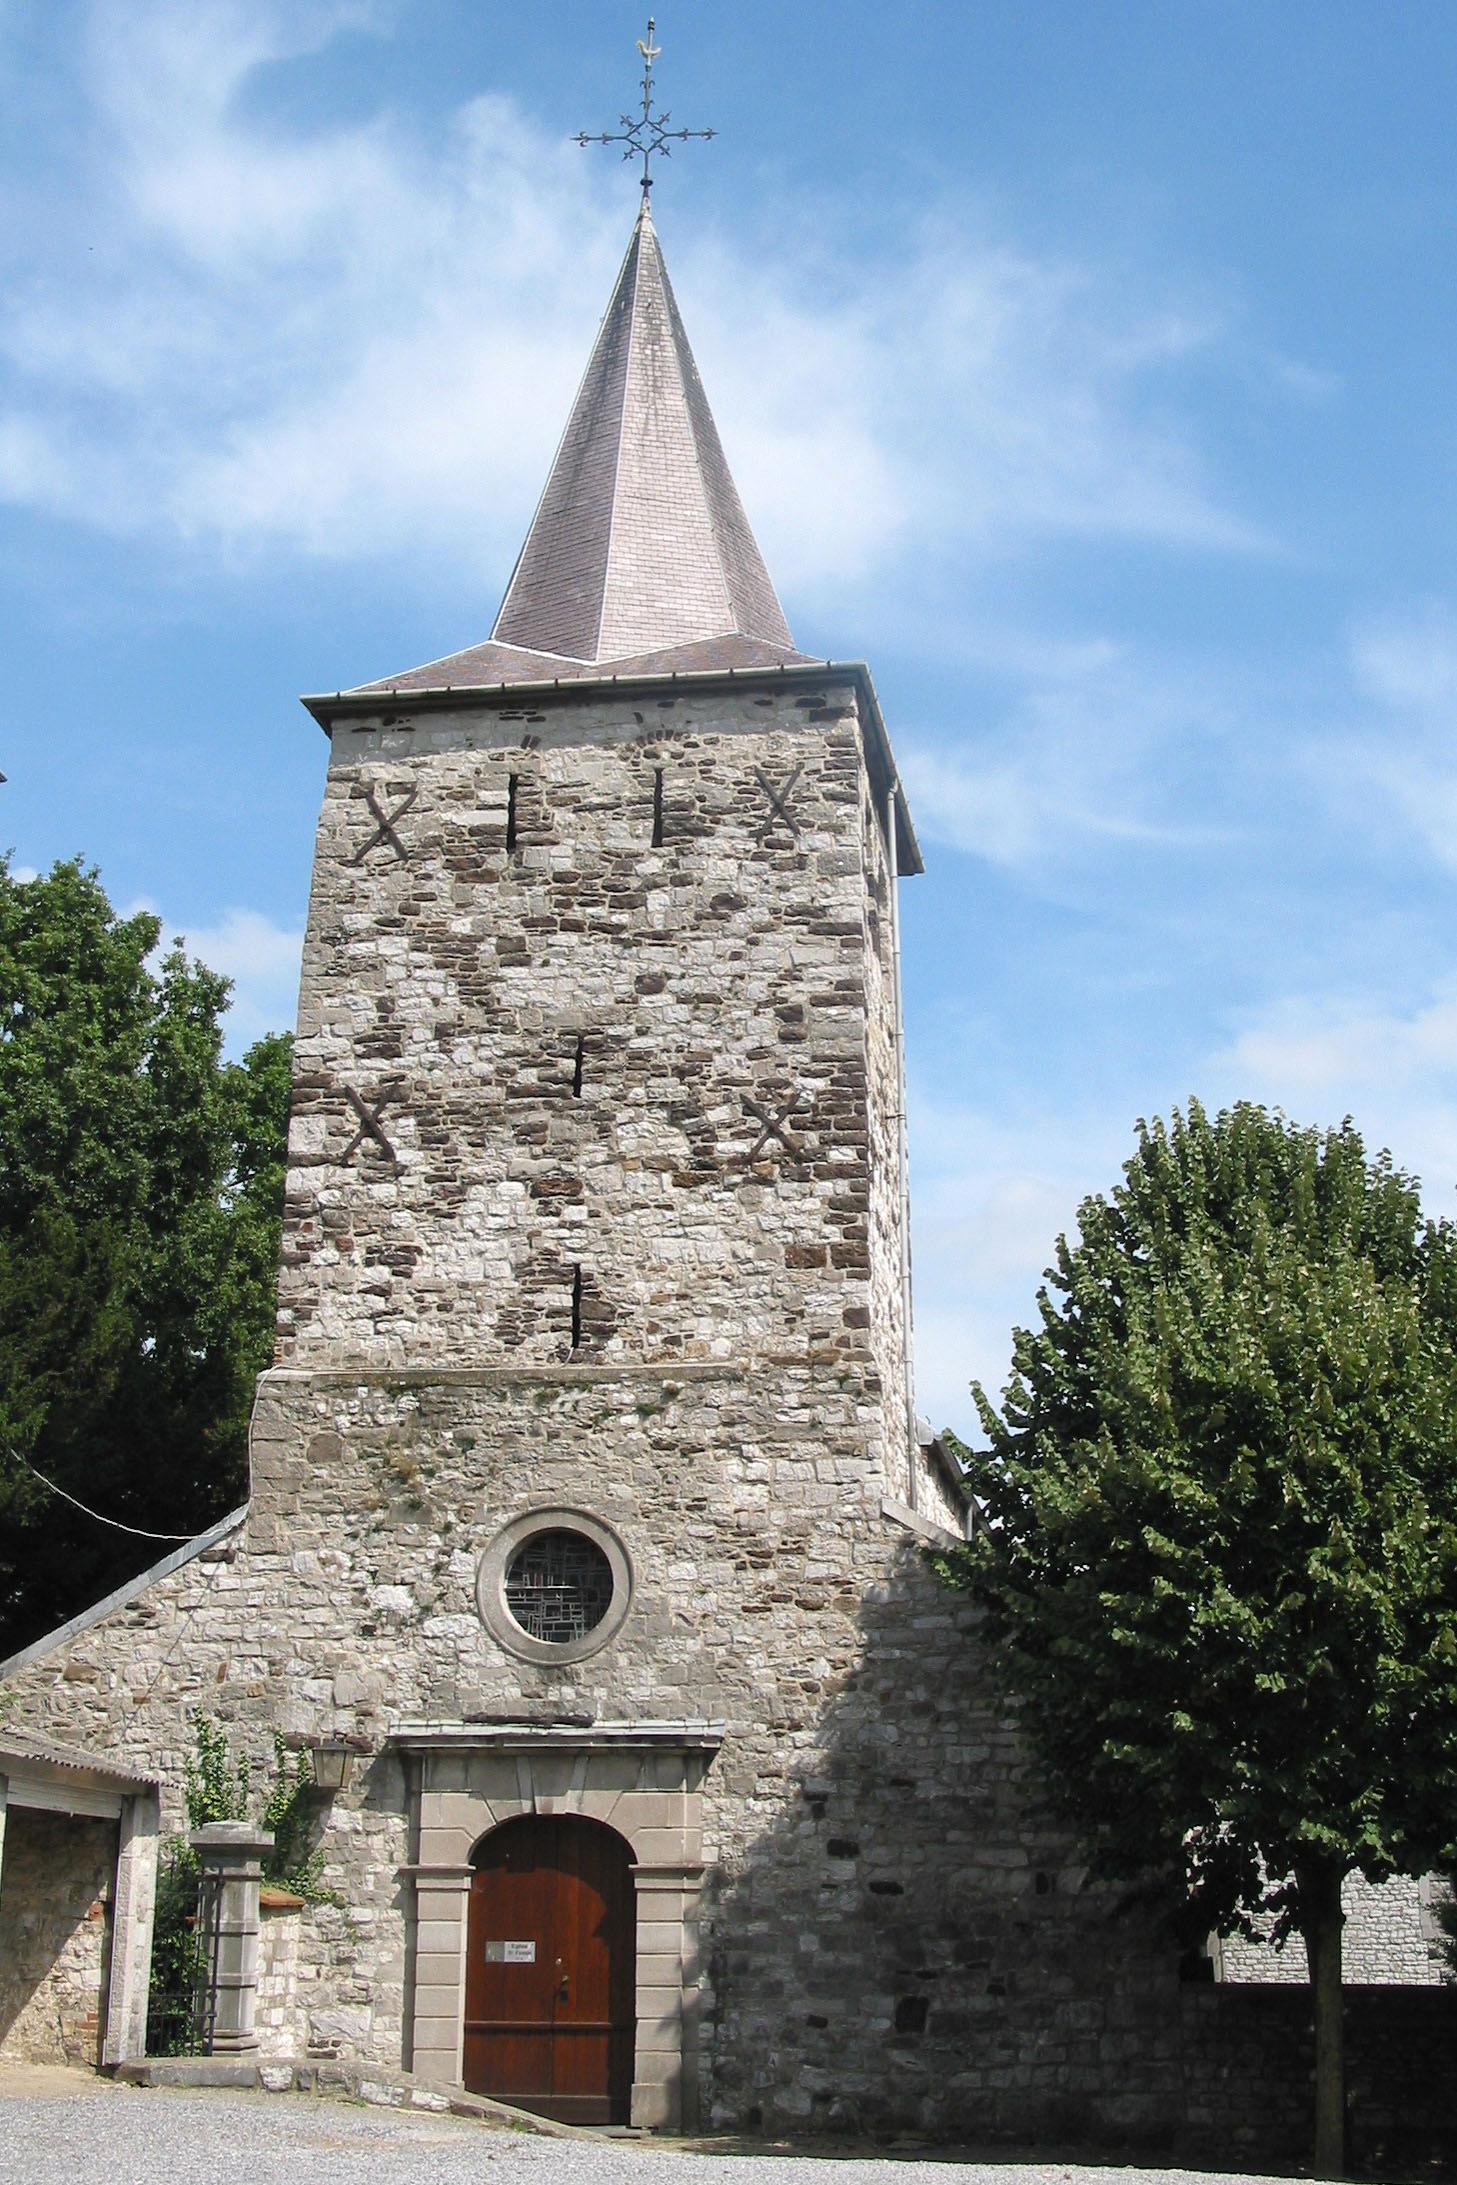 Église Saint-Firmin du XIème siècle de Bonneville